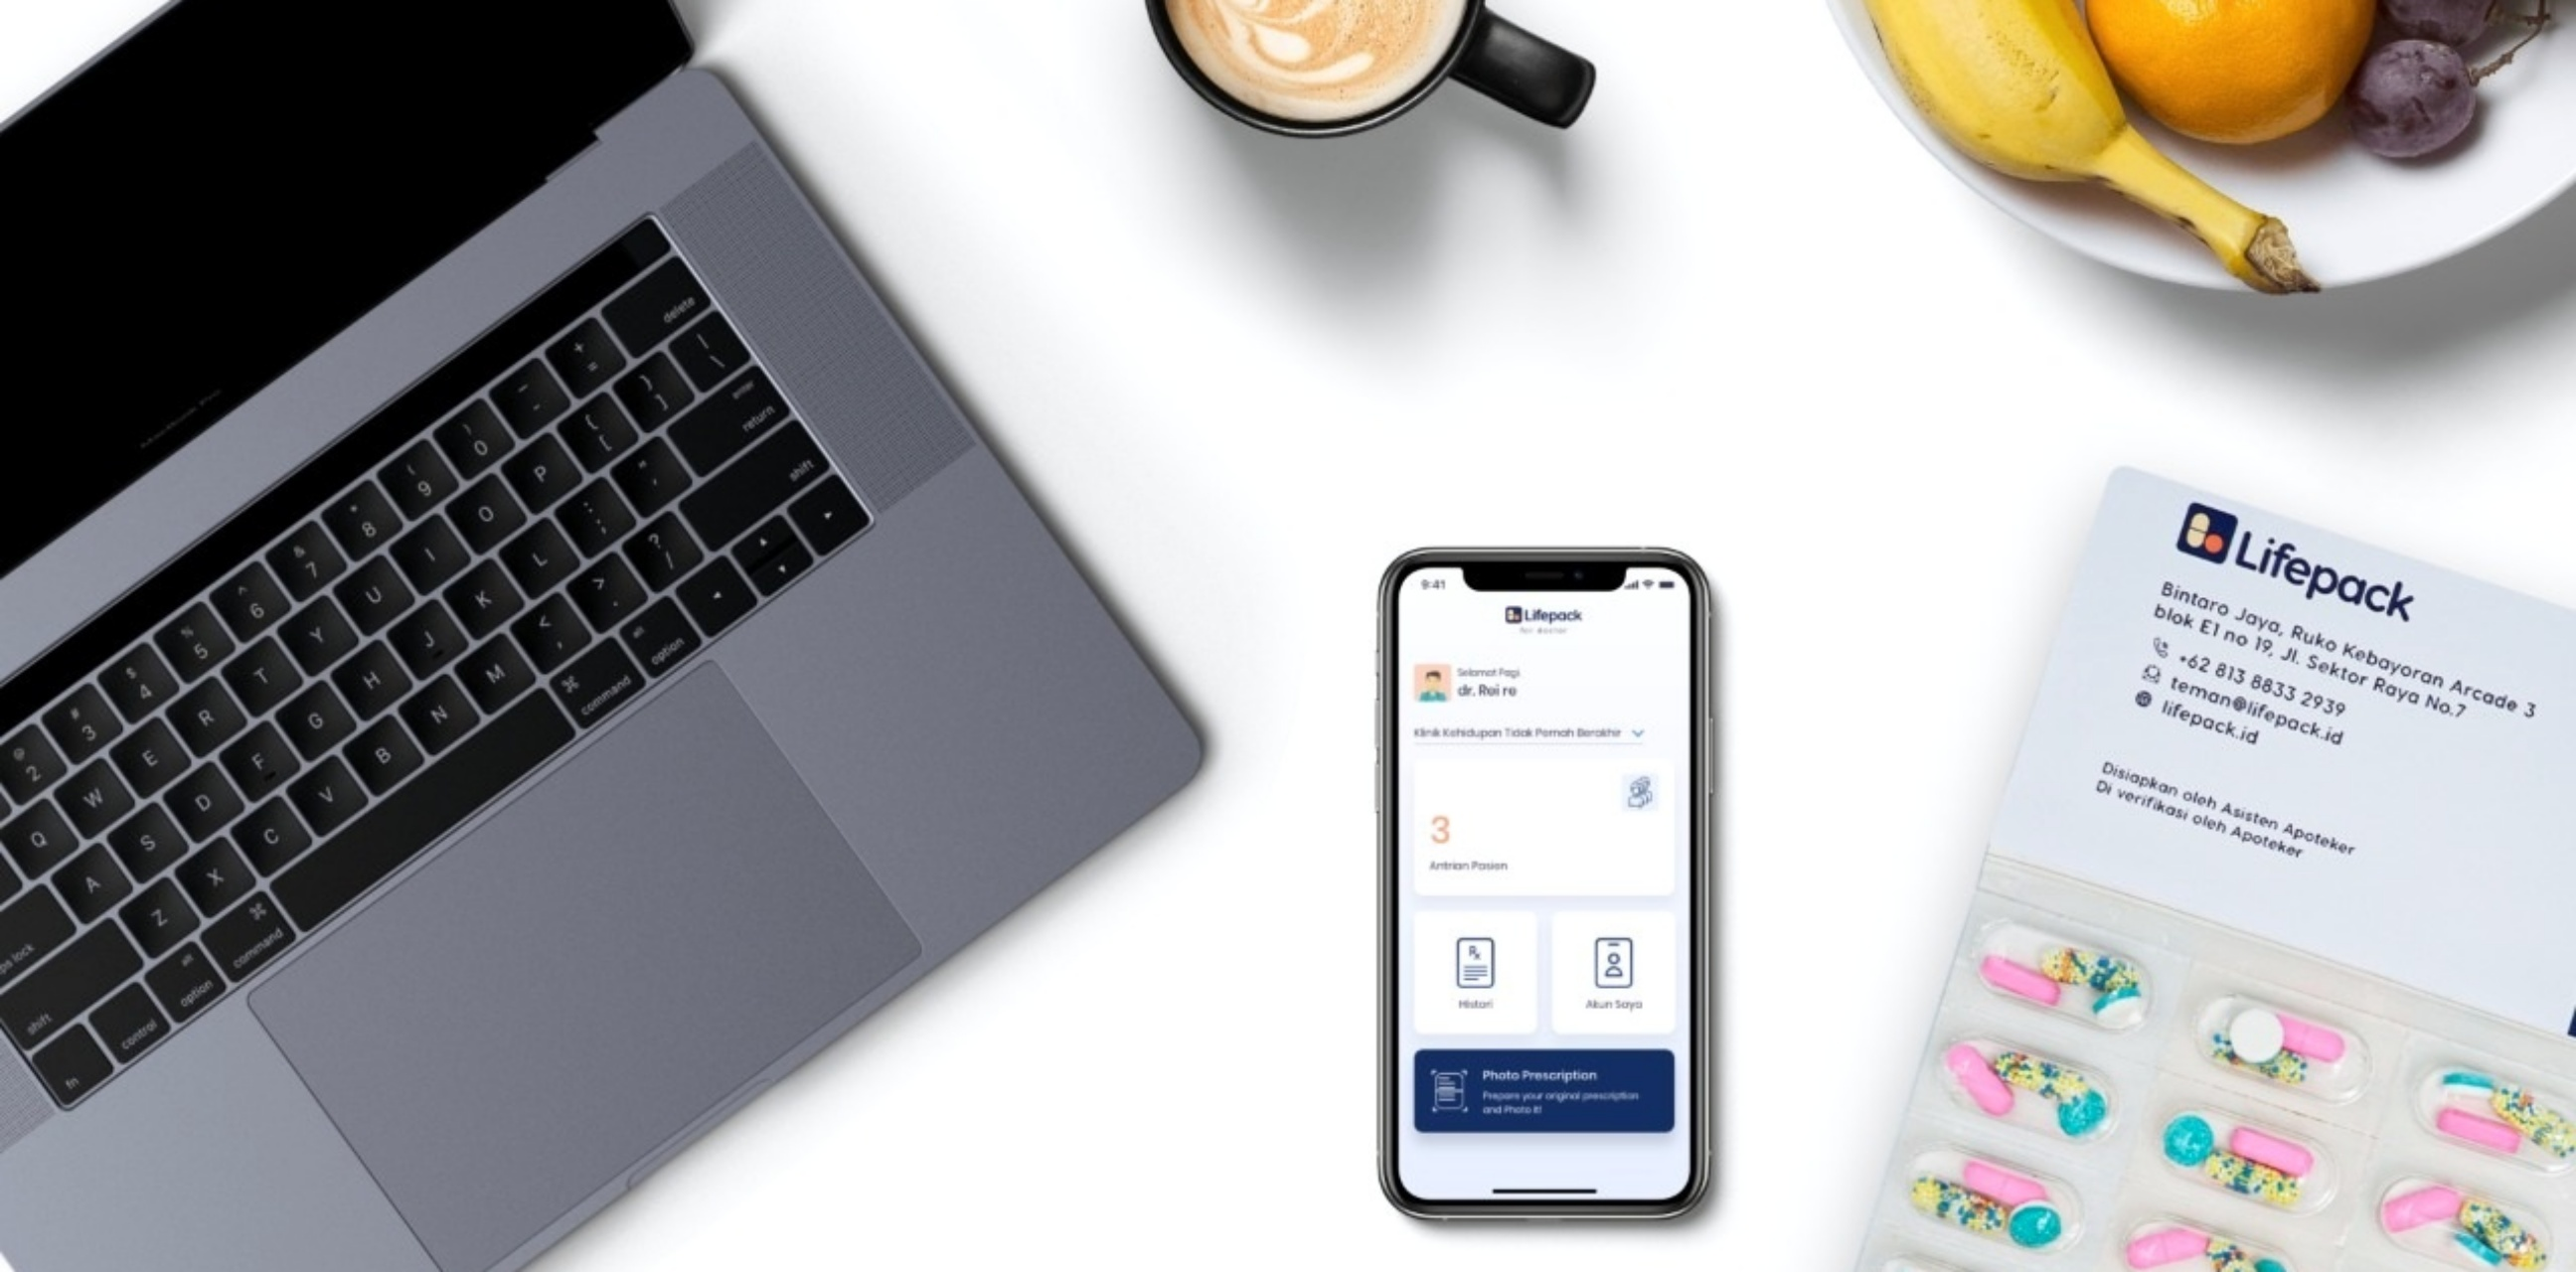 Aplikasi apotek digital ini cocok buat pasien saat social distancing